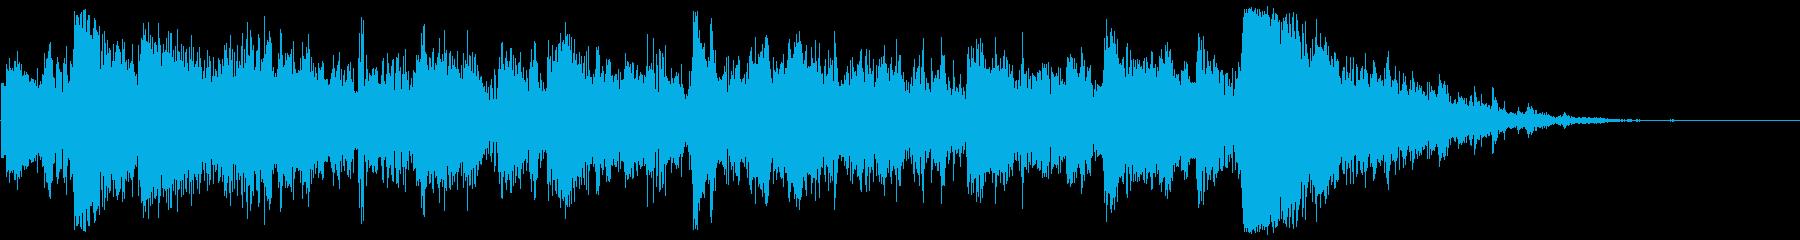 車の衝突とヒルサイドダウン車の衝突の再生済みの波形